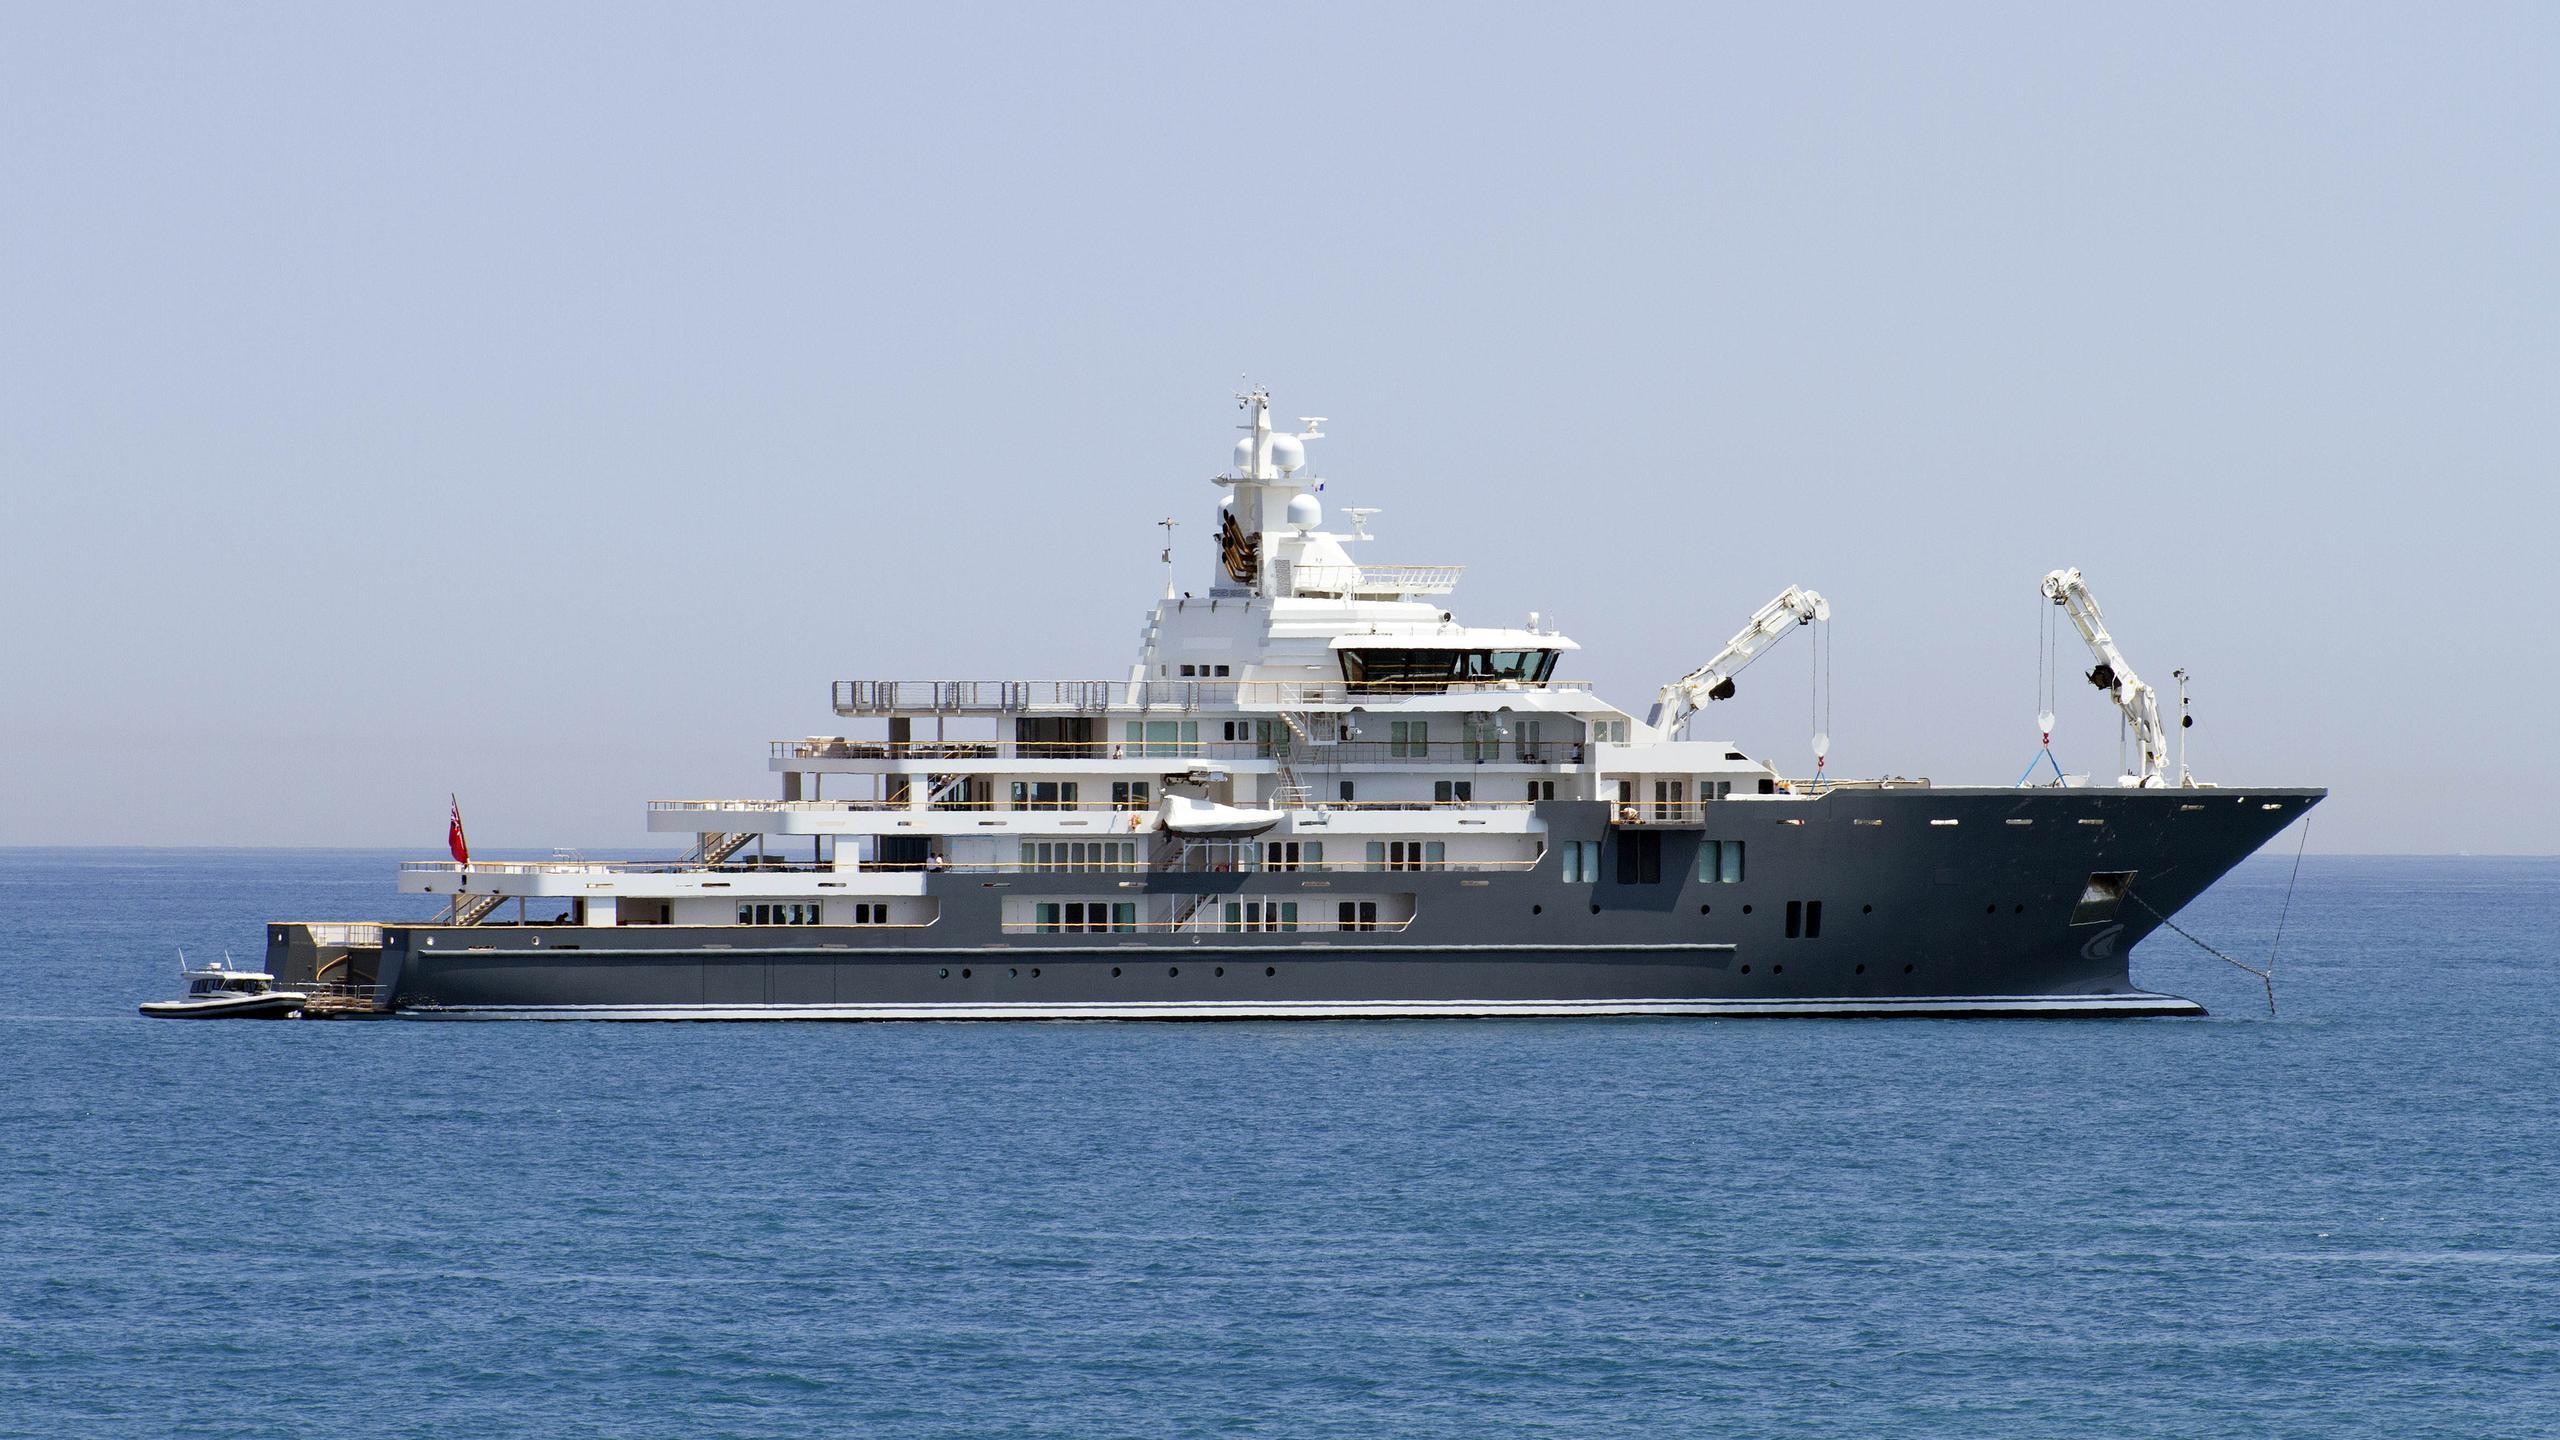 andromeda-ulysses-explorer-yacht-kleven-2015-107m-profile-after-refit